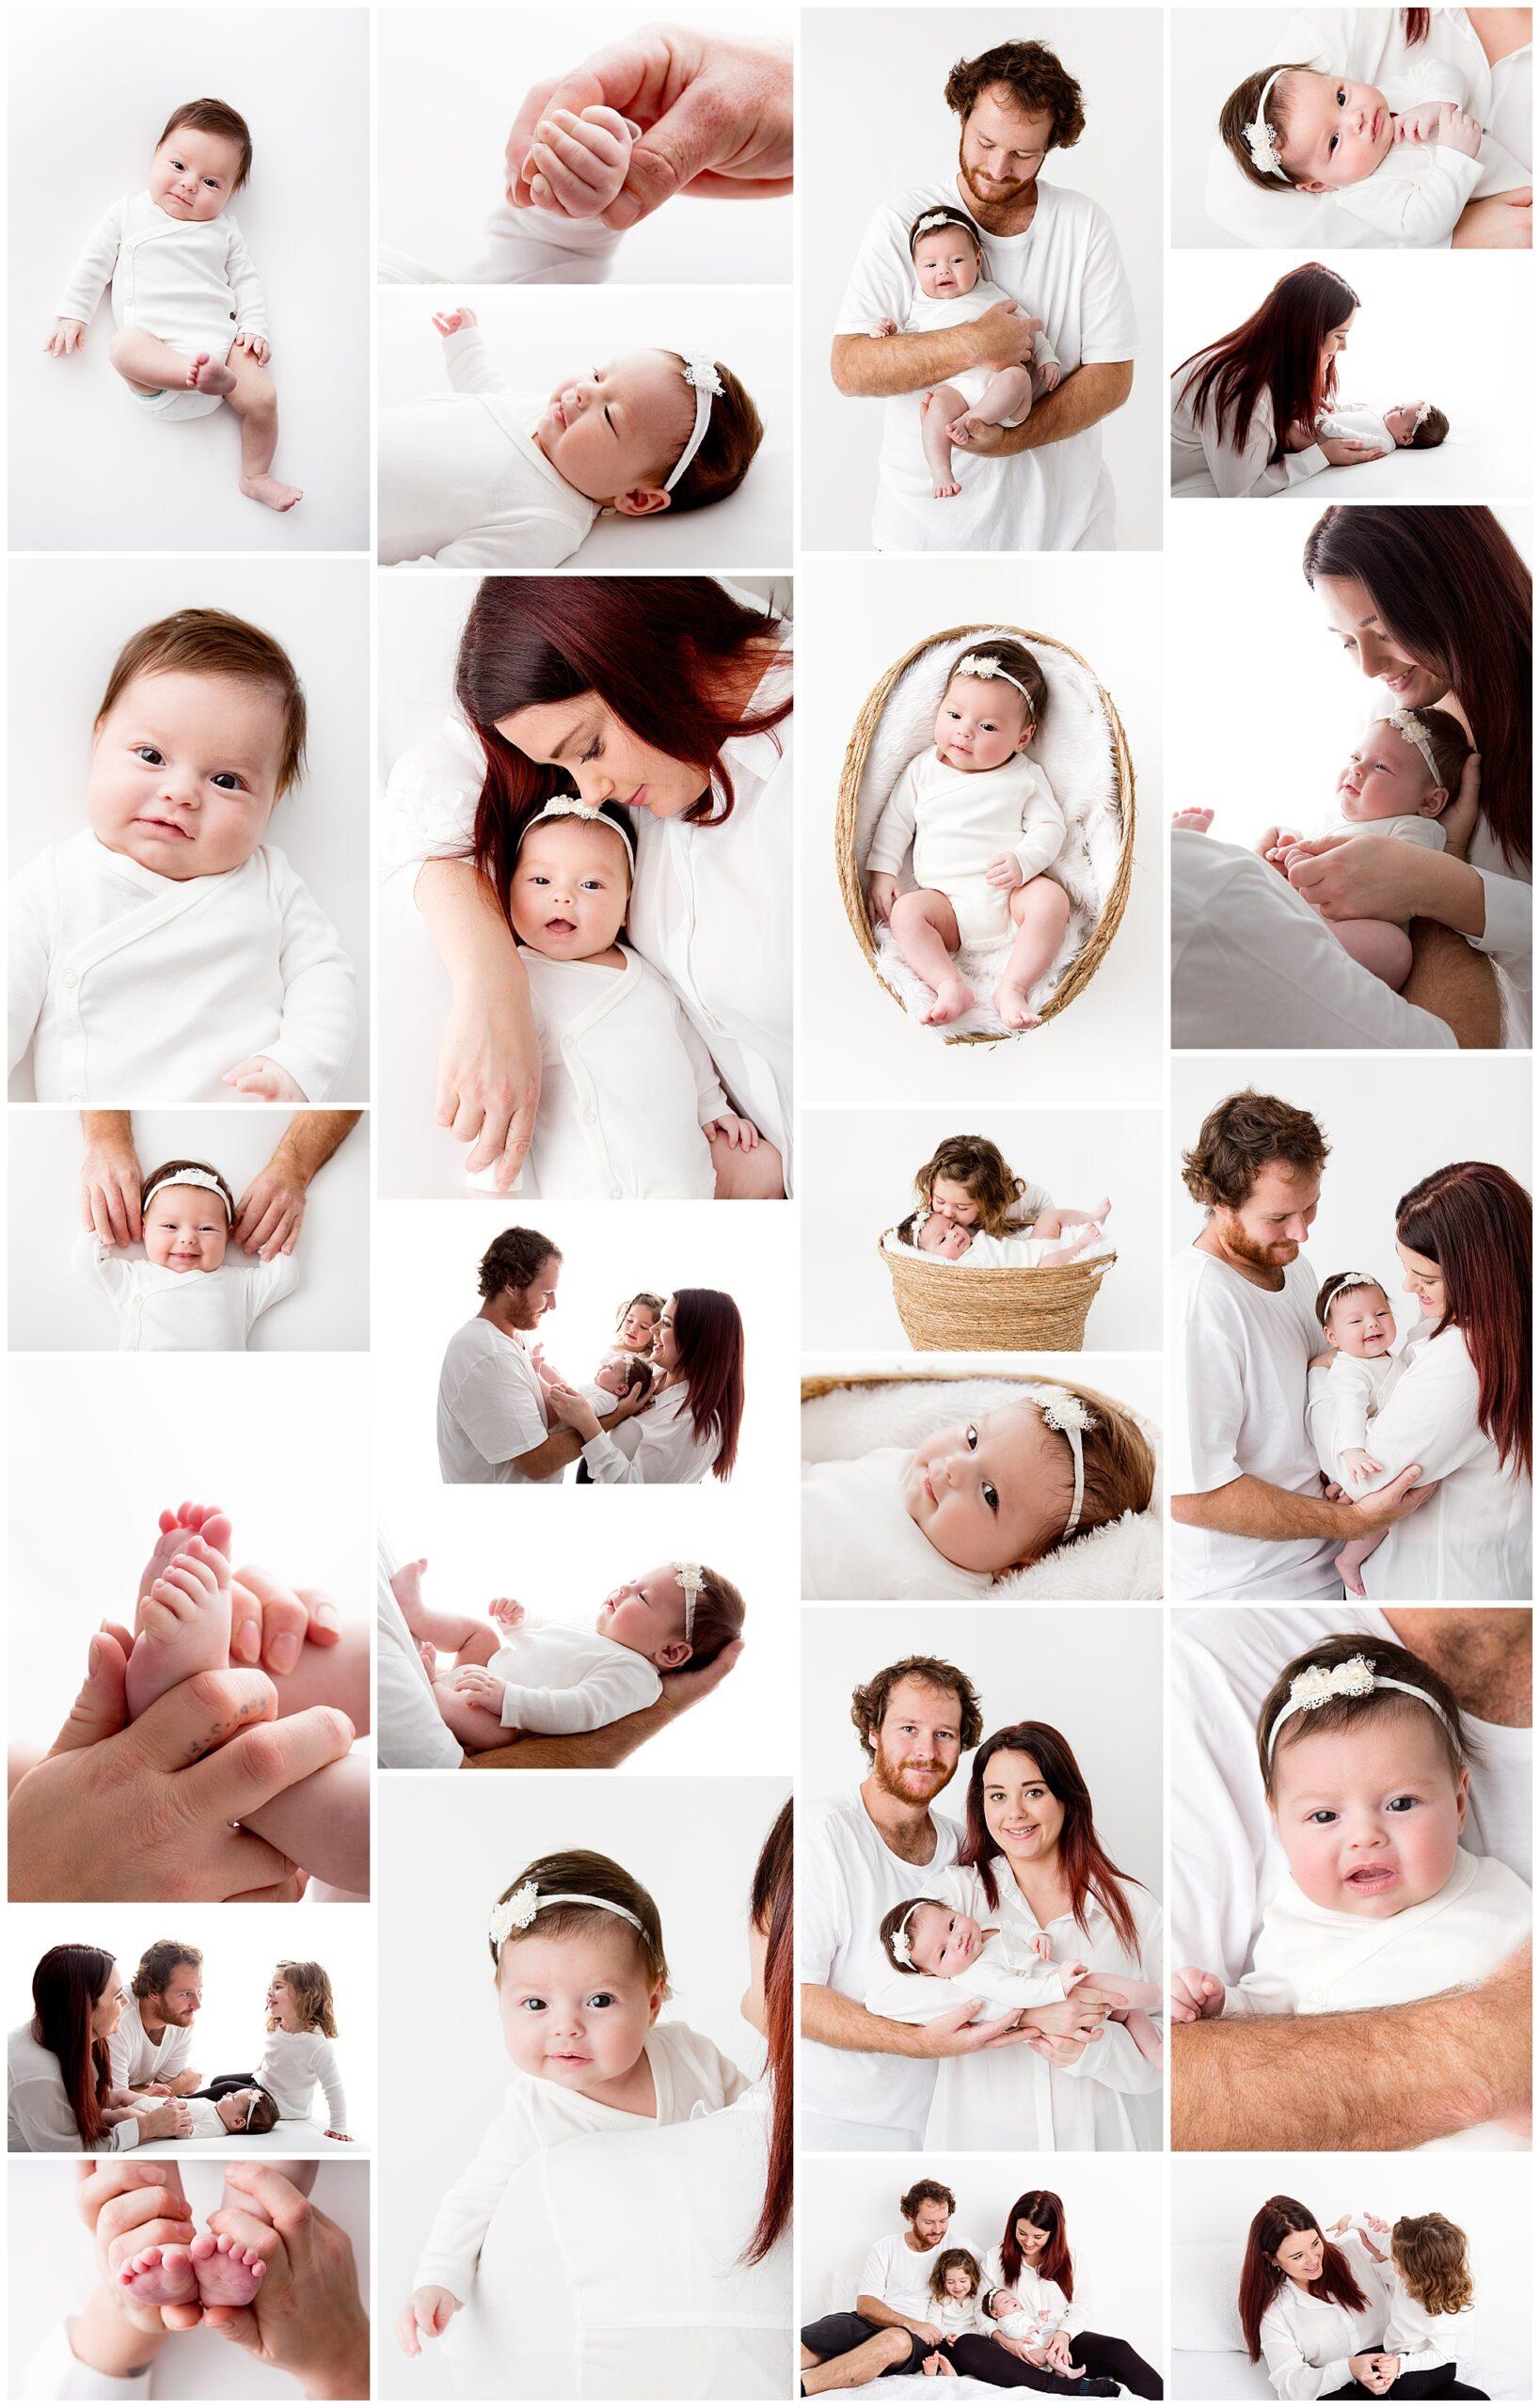 older newborn baby gallery